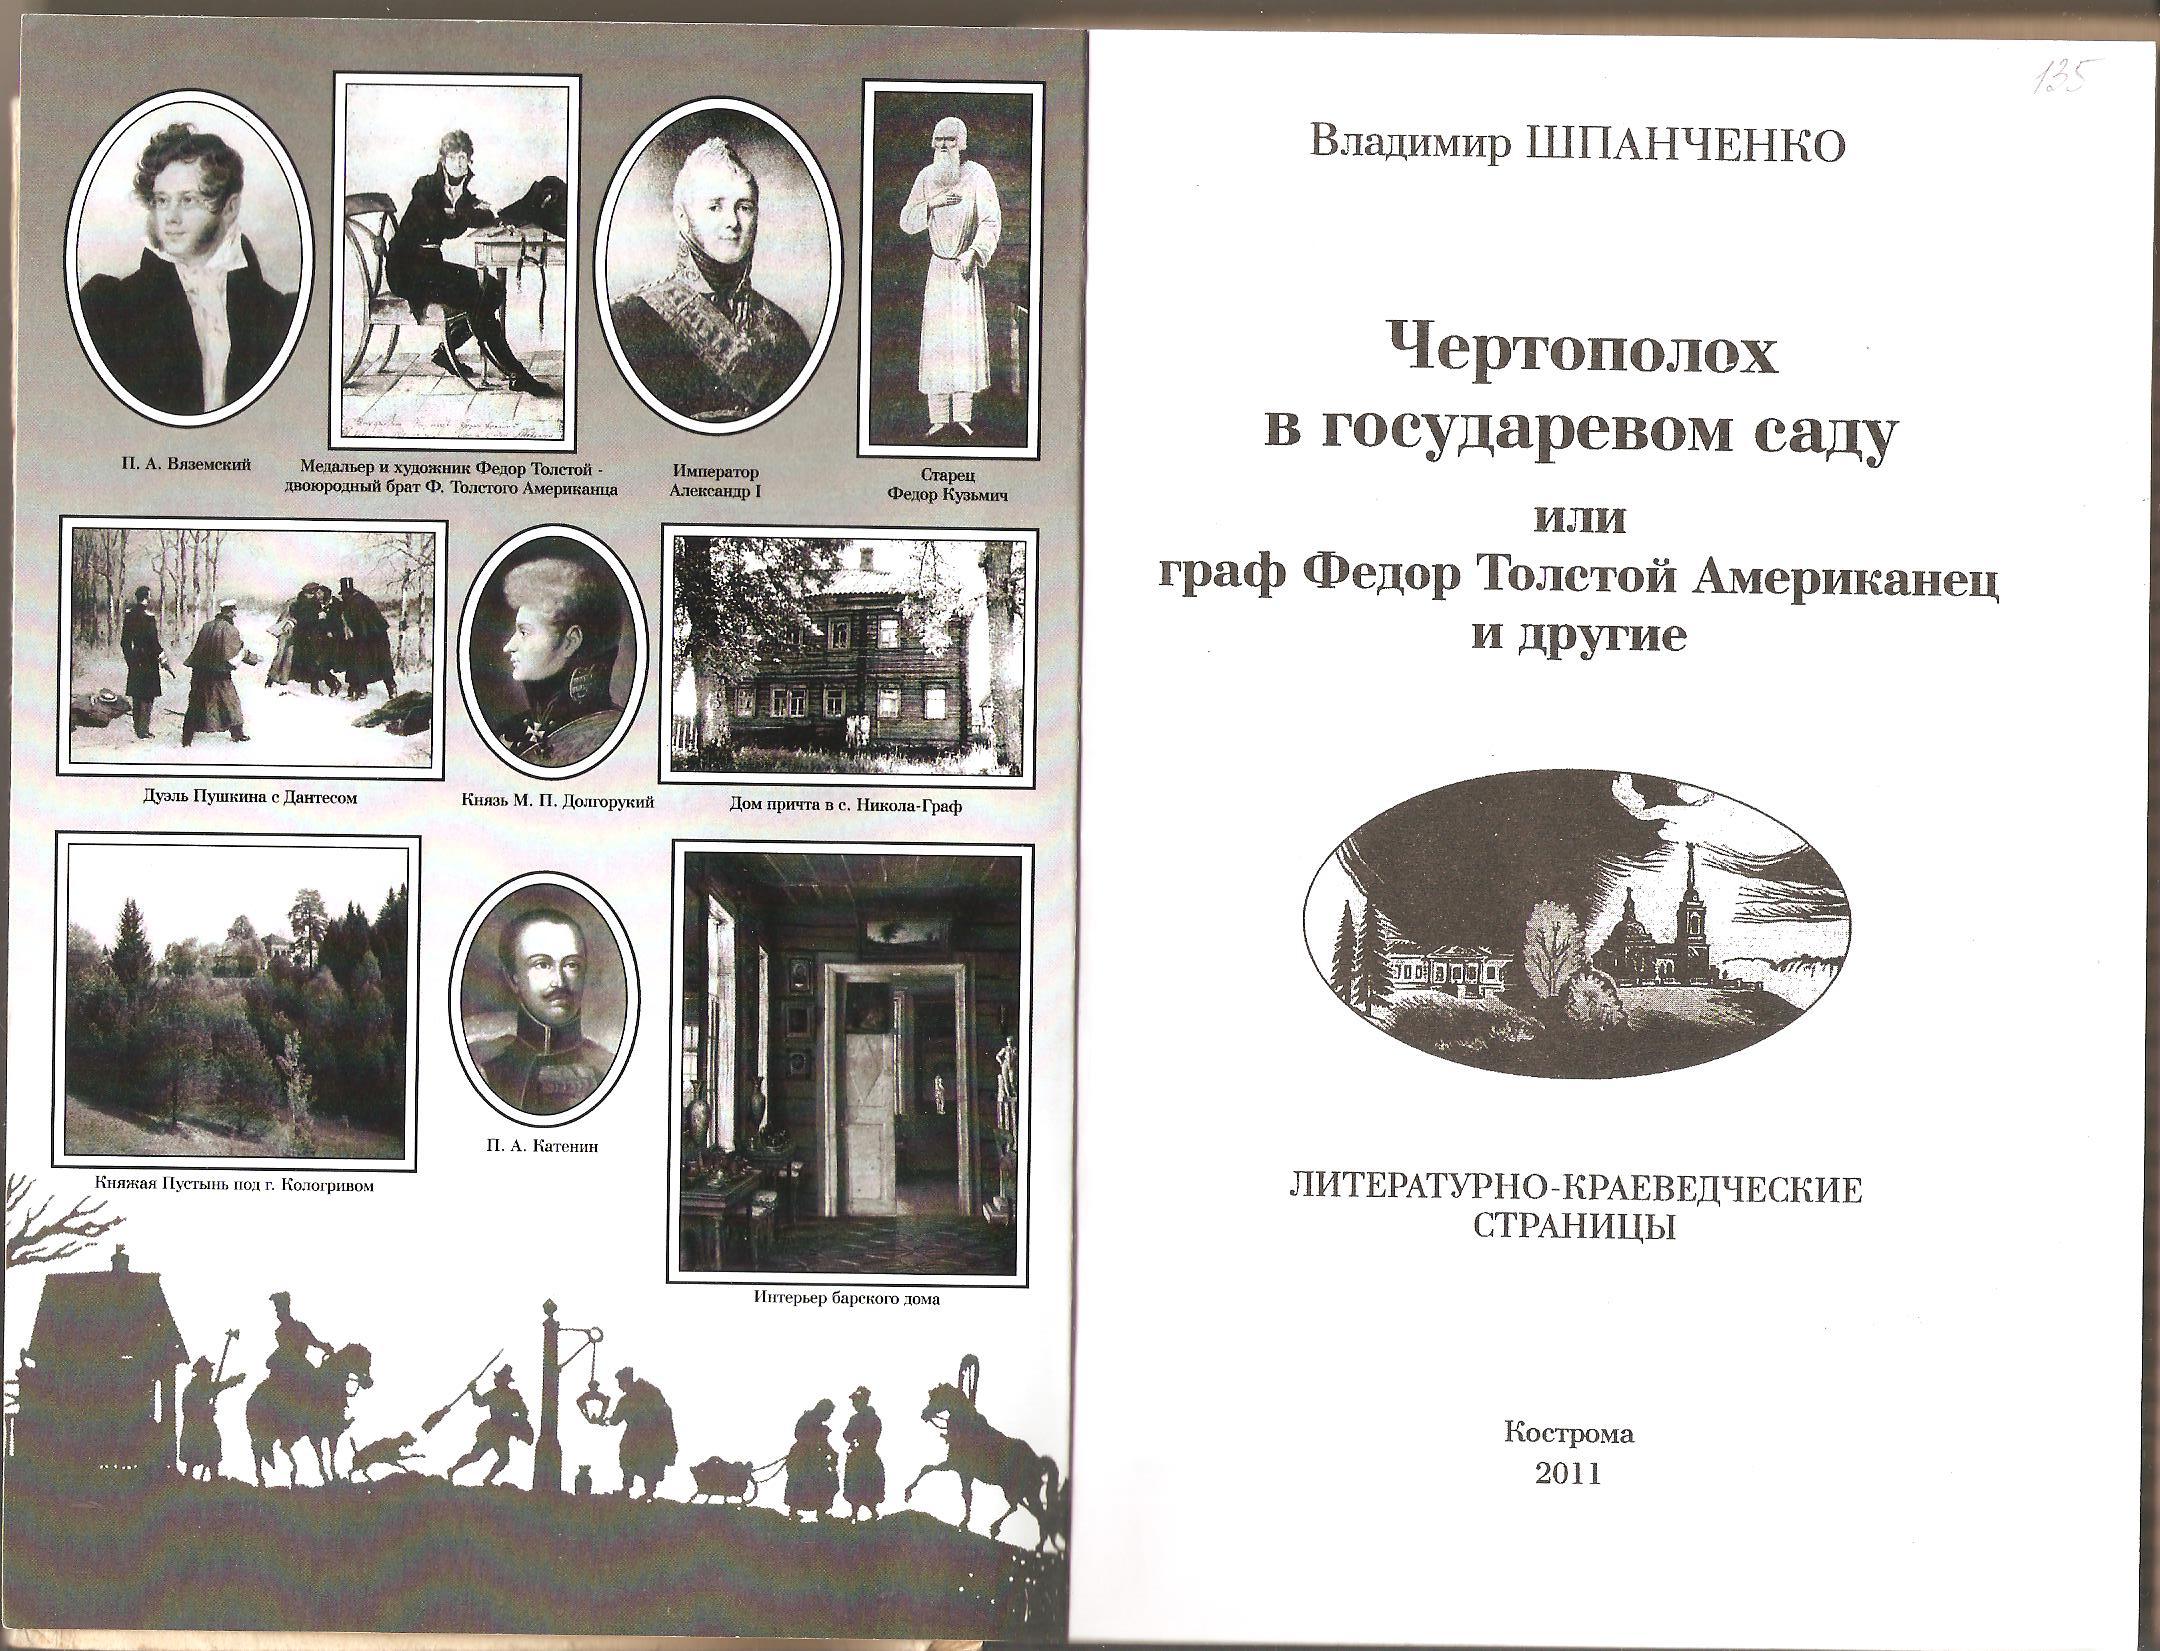 Шпанченко Чертополох в государевом саду 003.jpg